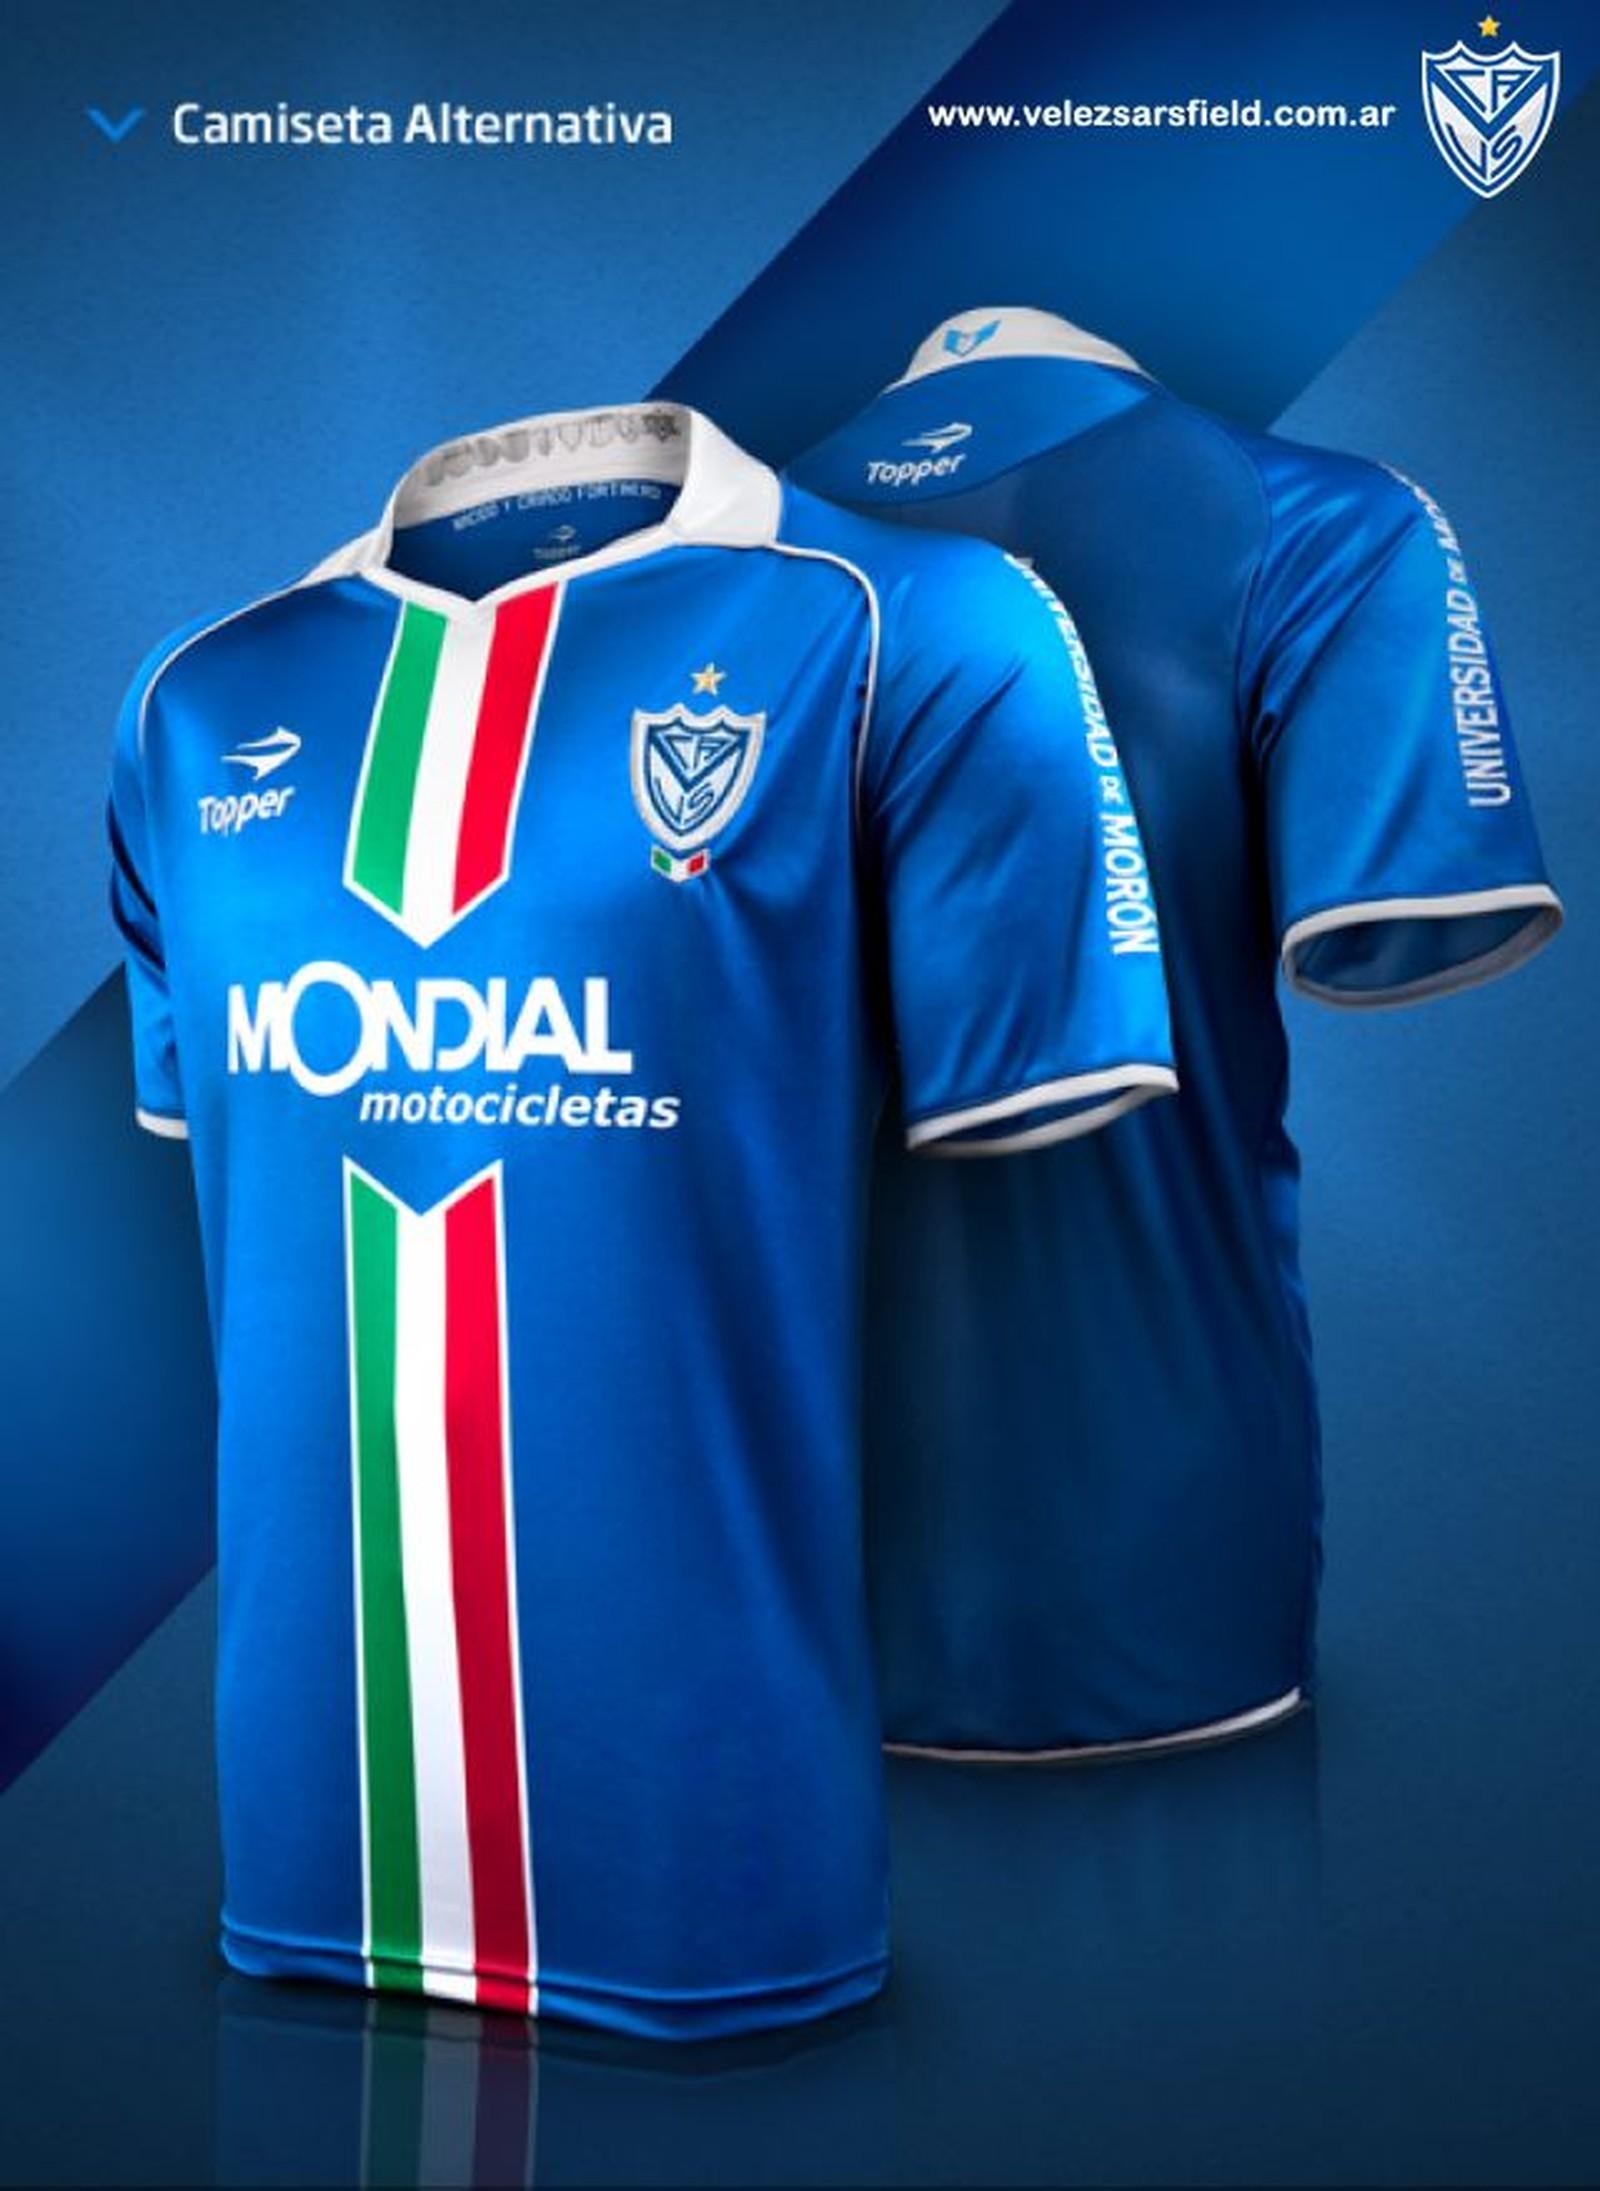 d2c9b64e43630 Fluminense lança em janeiro 3ª camisa azul similar ao uniforme do ...